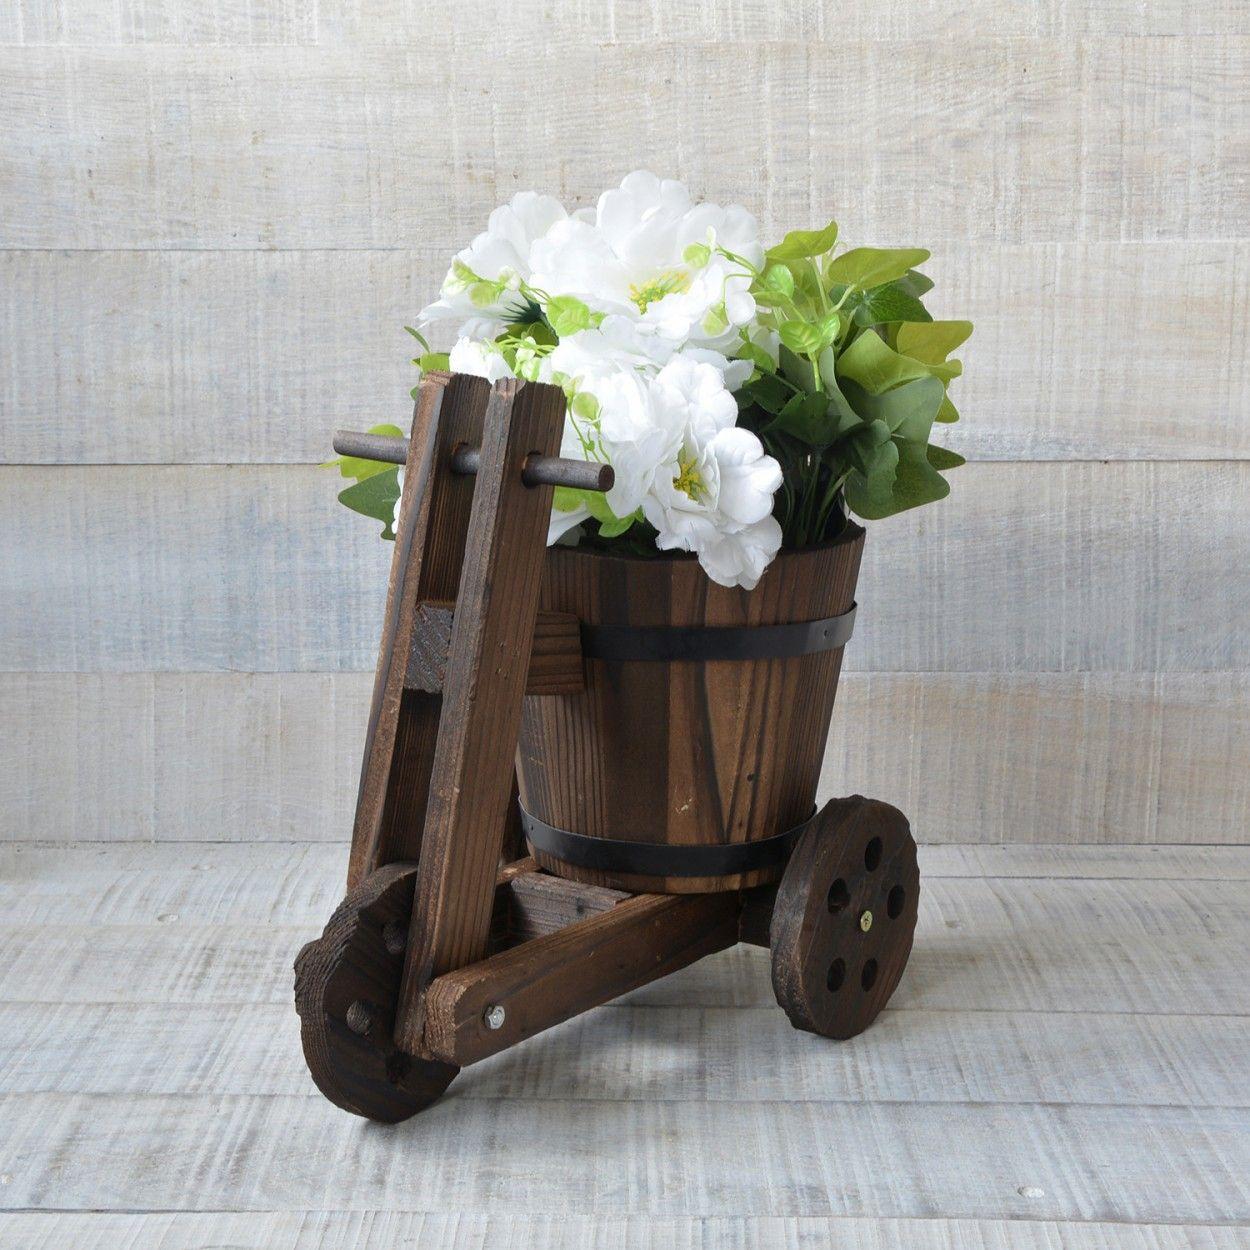 Macetero original de madera natural bicicleta garden friends hogar y mas hogar y m s - Bicicleta macetero ...